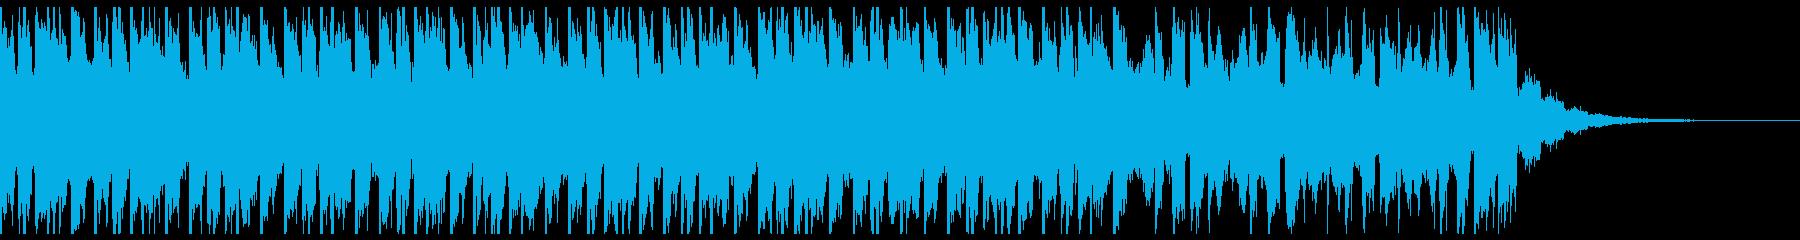 ハッピーサマー(ショート1)の再生済みの波形